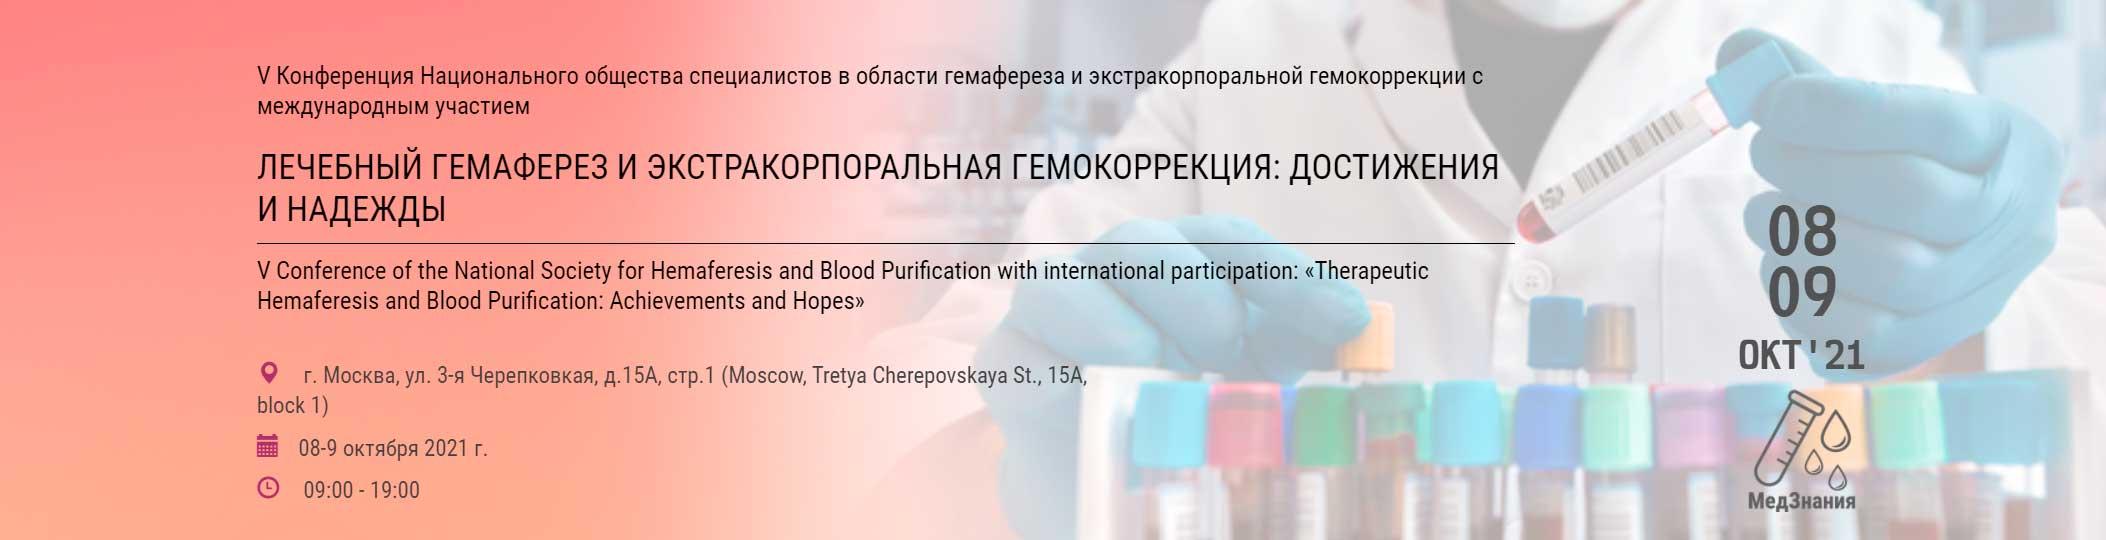 V конференция Национального общества специалистов в области гемафереза и экстракорпоральной гемокоррекции